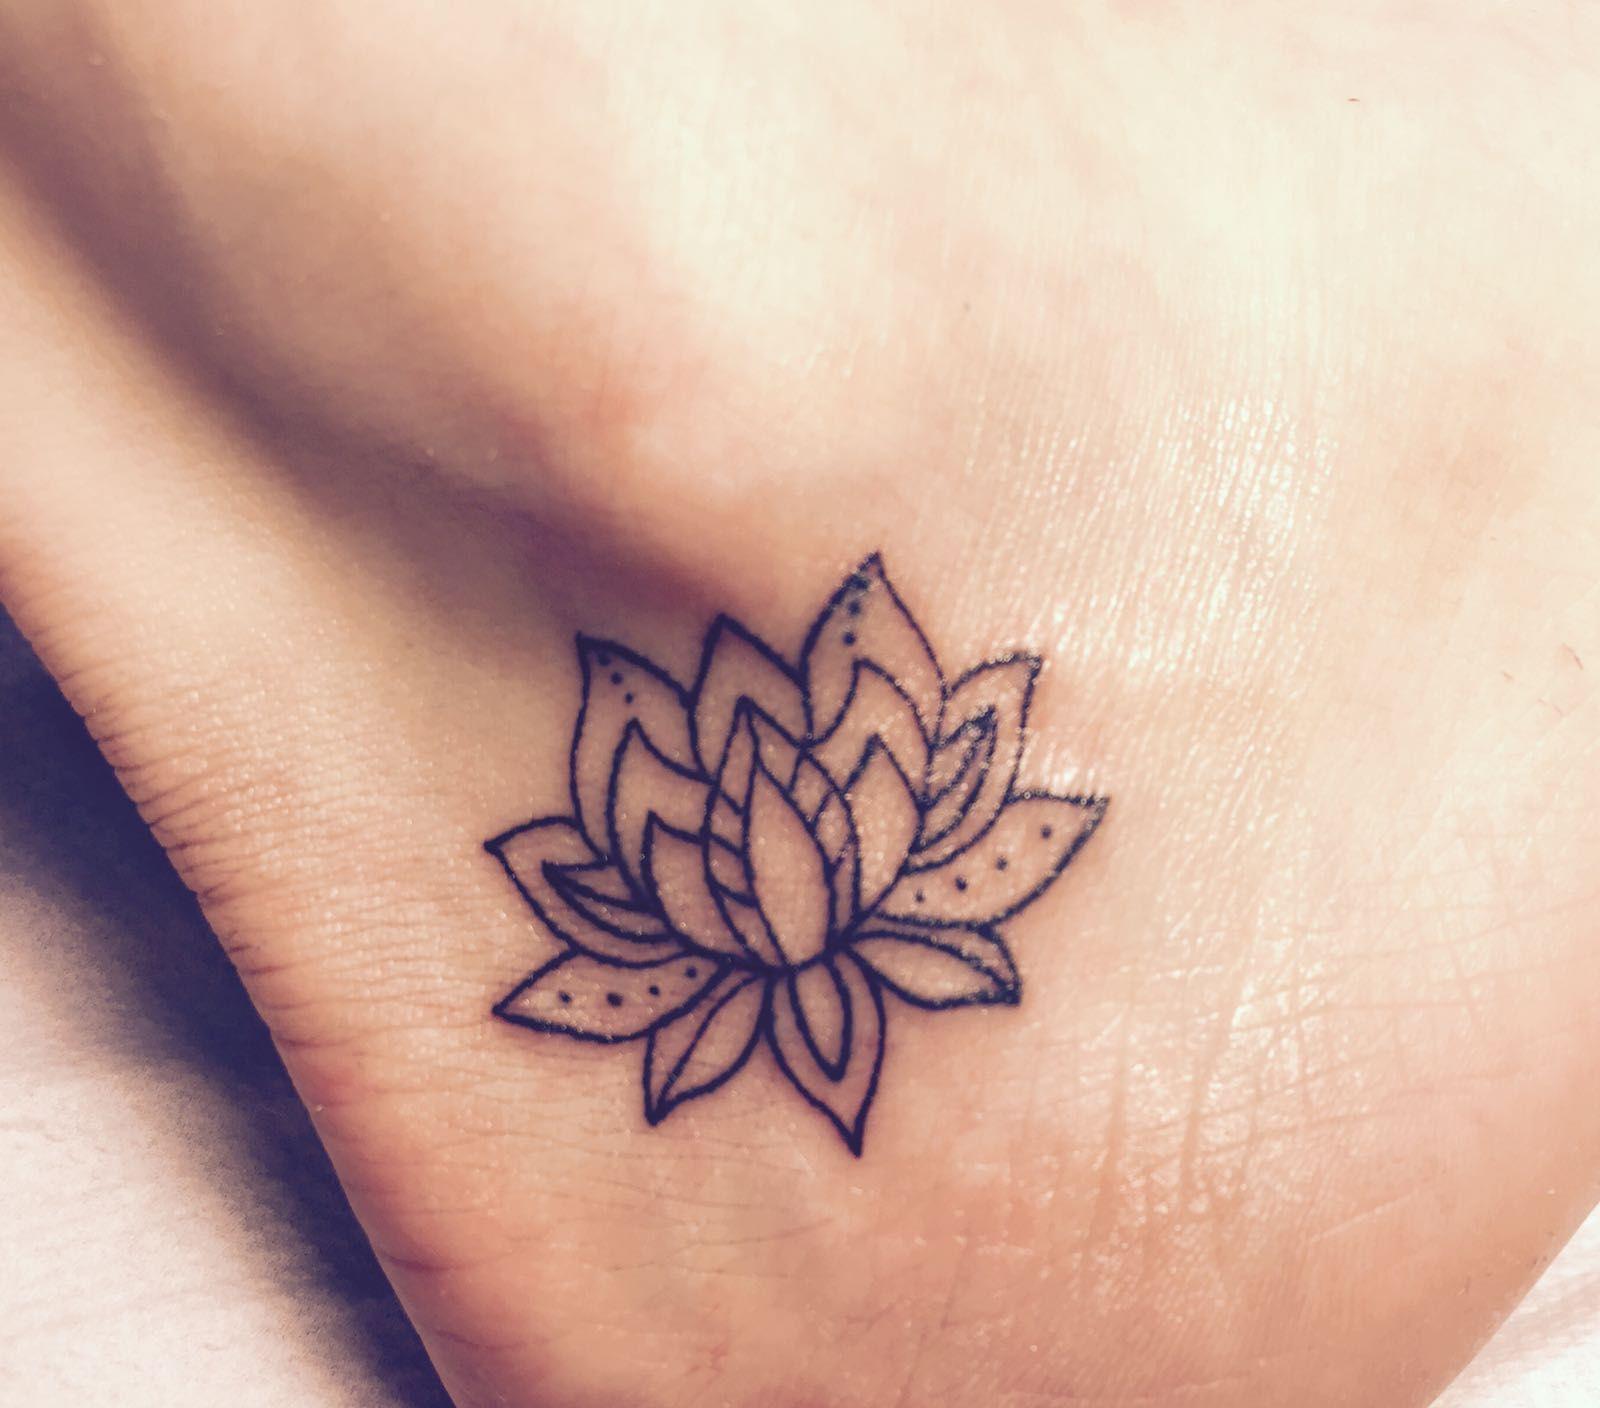 Tatuaggio fiore di loto: il tatuaggio floreale più popolare ha numerosi significati – decorazione della casa di più